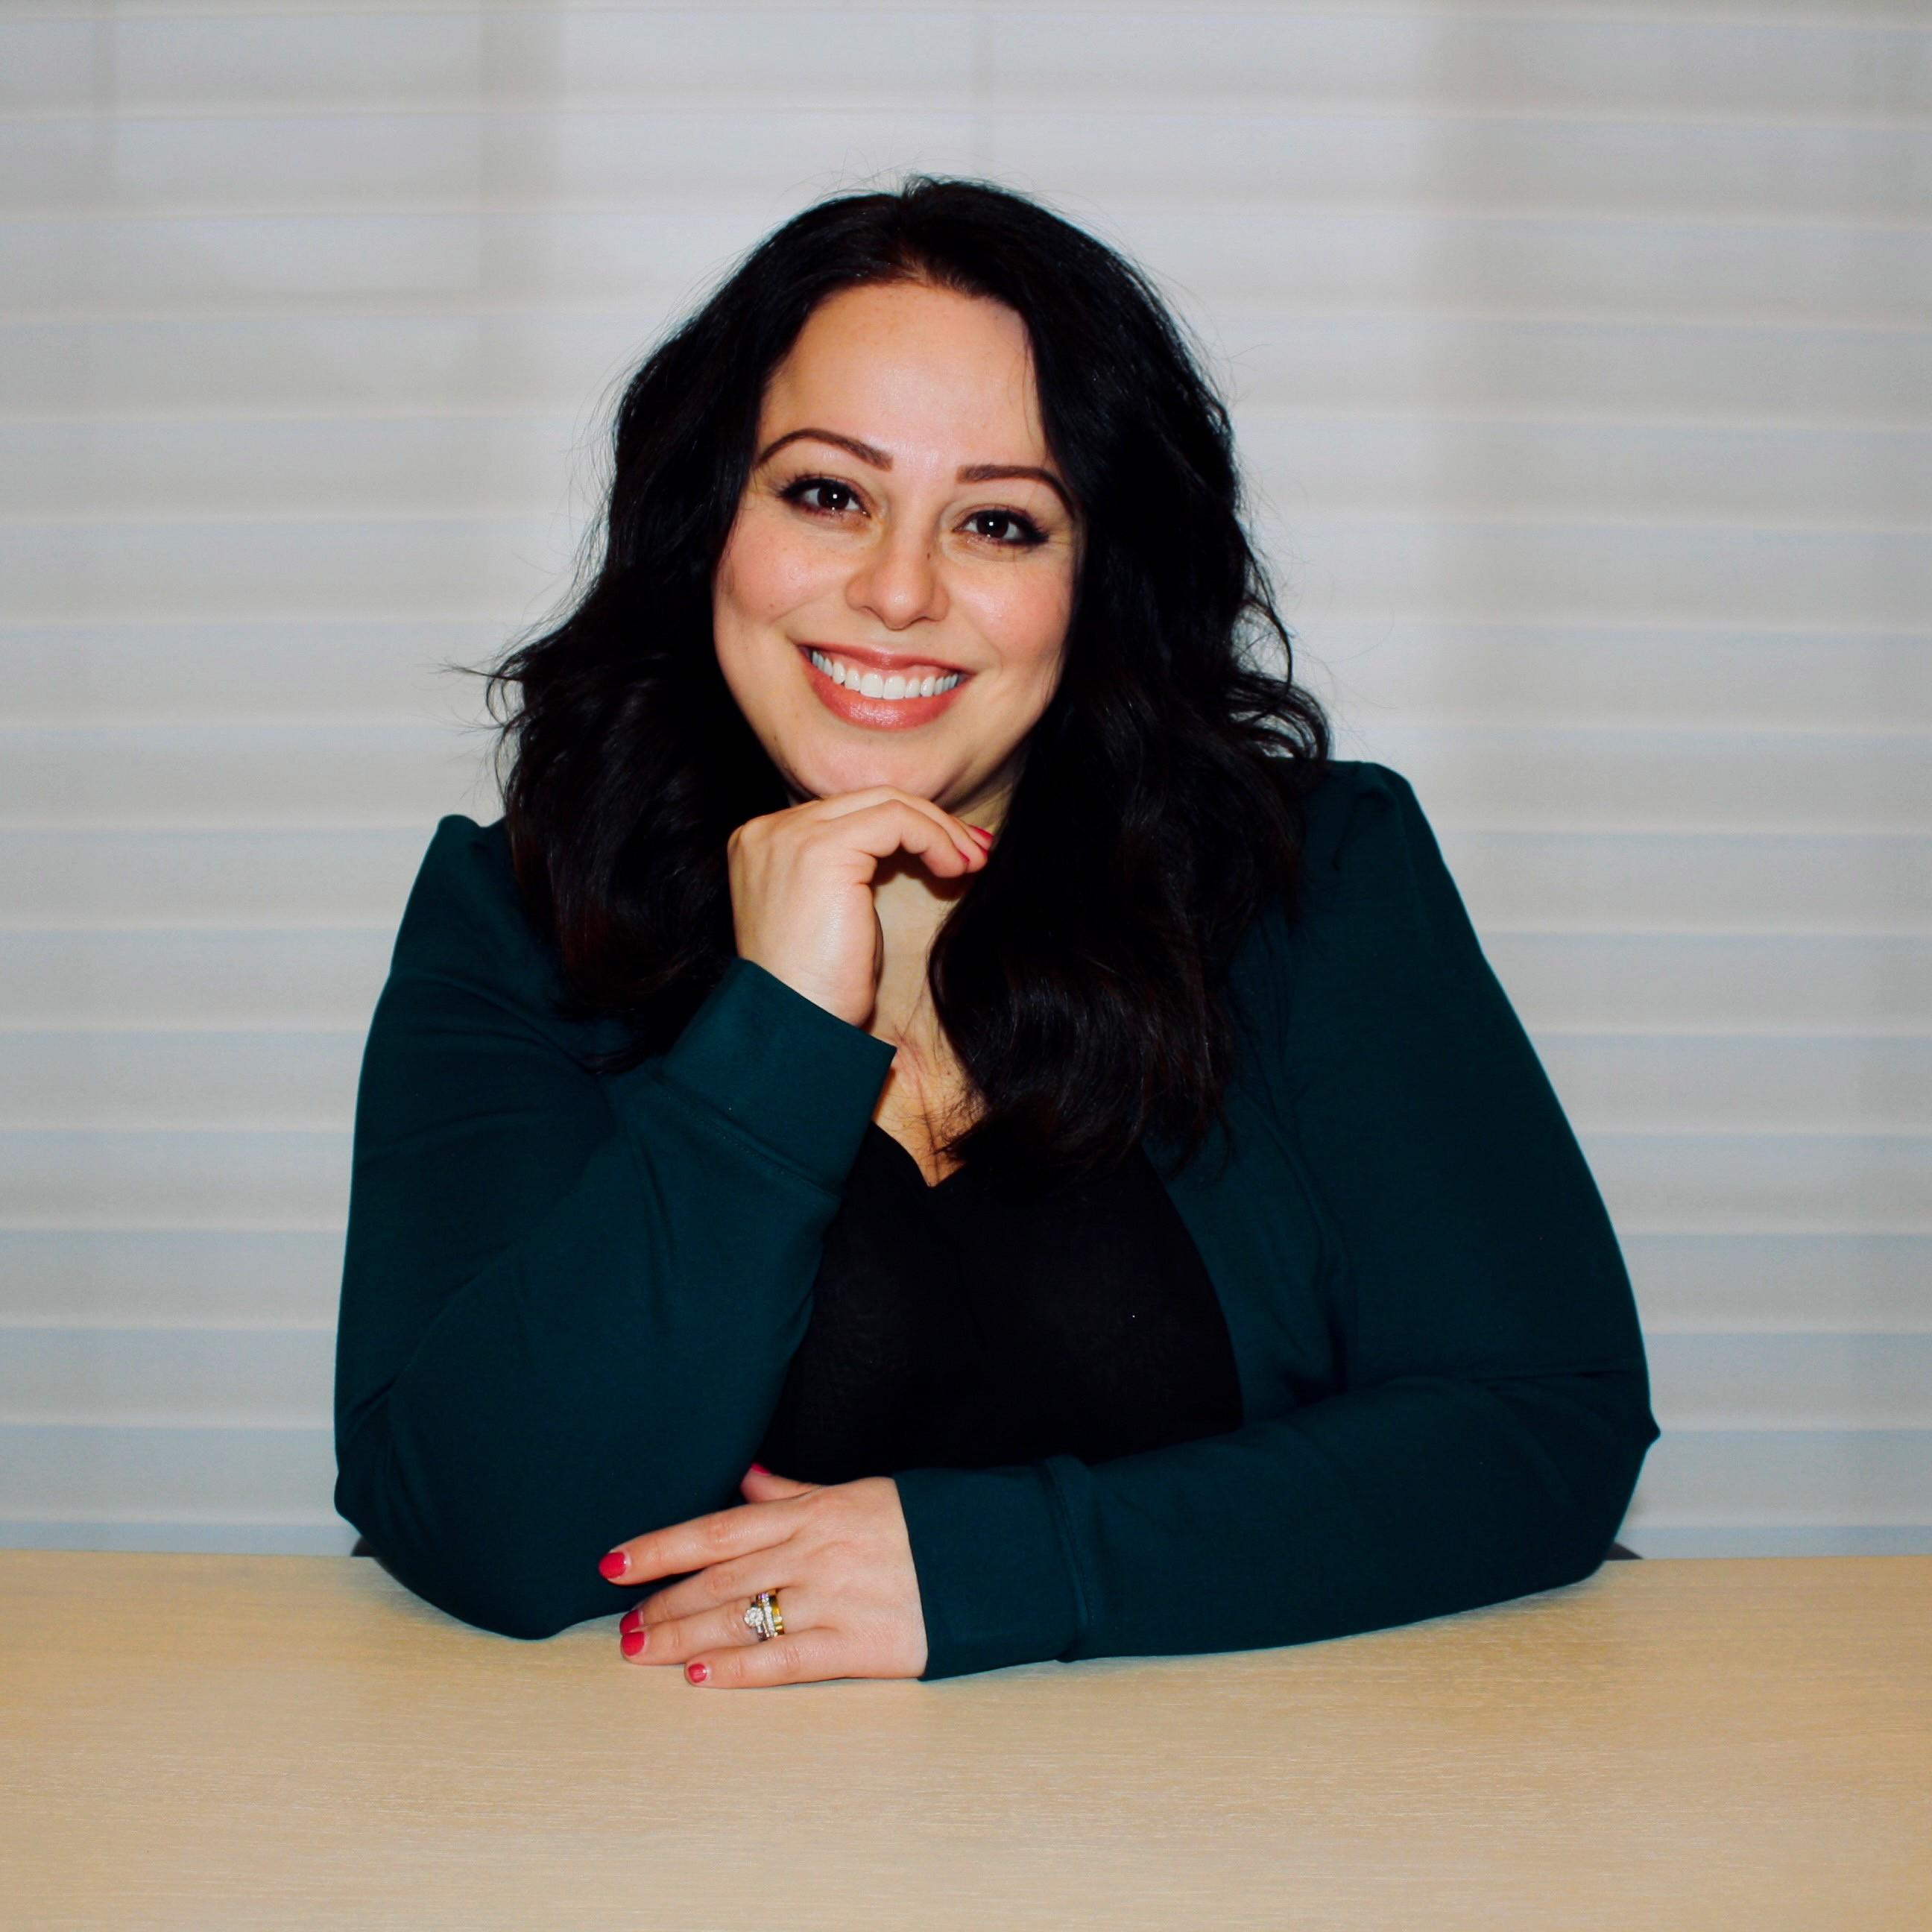 Amanda Shamoun